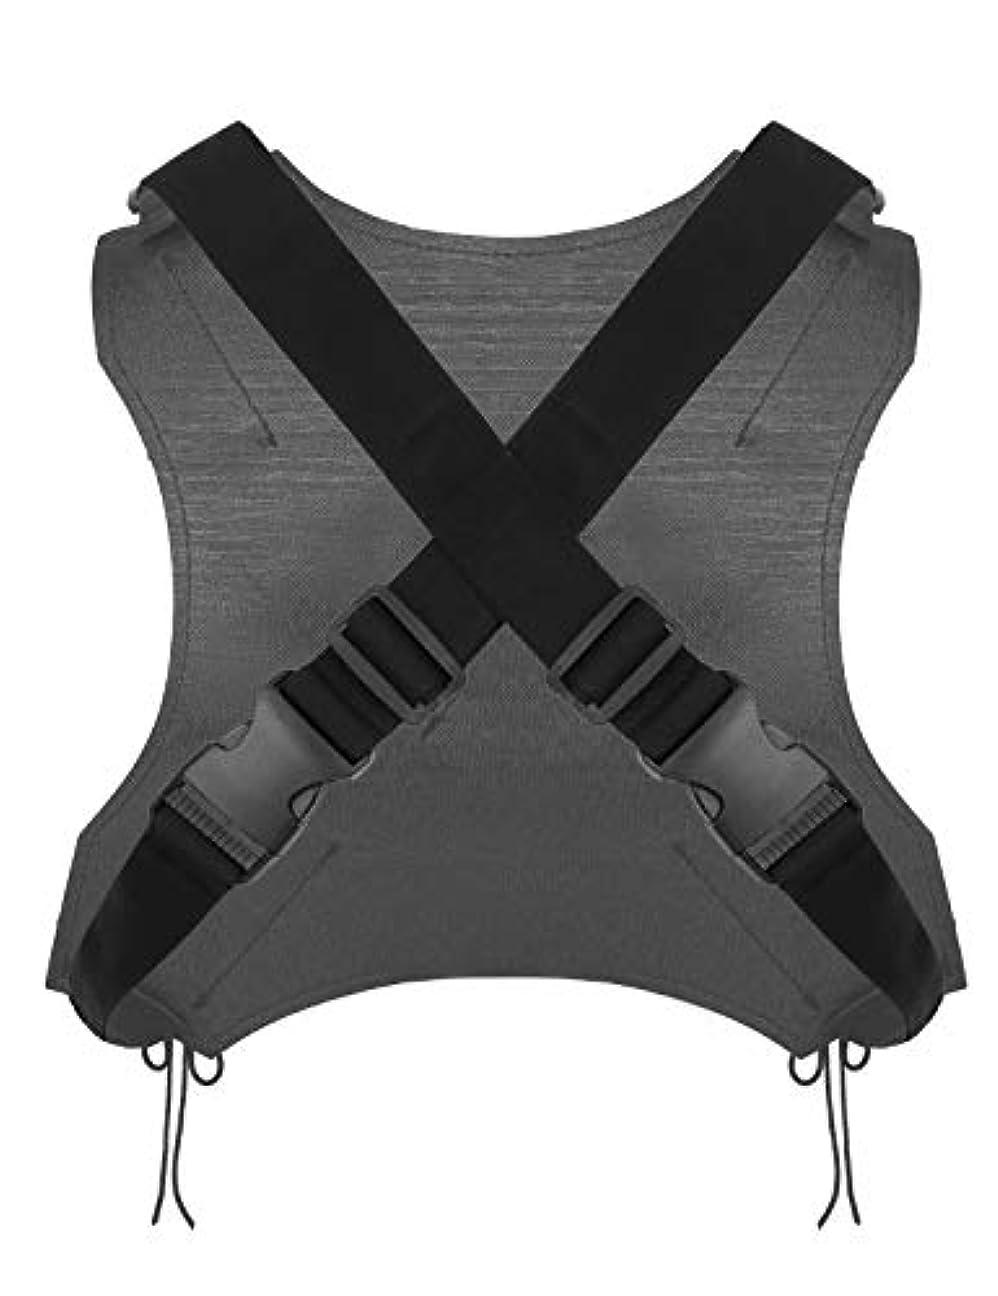 クラシックトレースありそう(アイム) iiniim デッドプール コスプレ道具 武器 パーティー デッドプール コスプレ衣装 メンズ 男性用 スパイダーマン コスチューム Xコスチューム タイプ1 OneSize